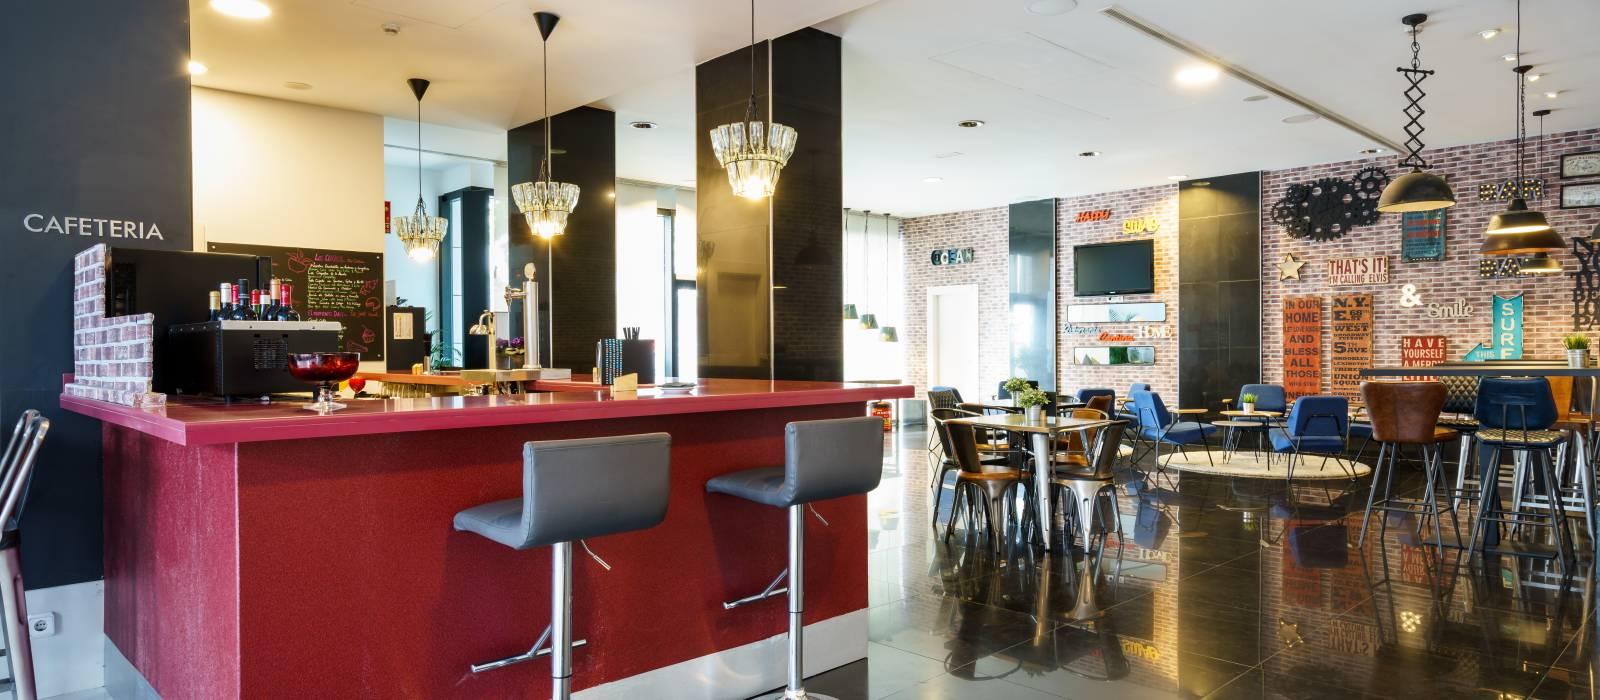 Bar Lounge - Servizi Hotel Malaga - Vincci Hoteles